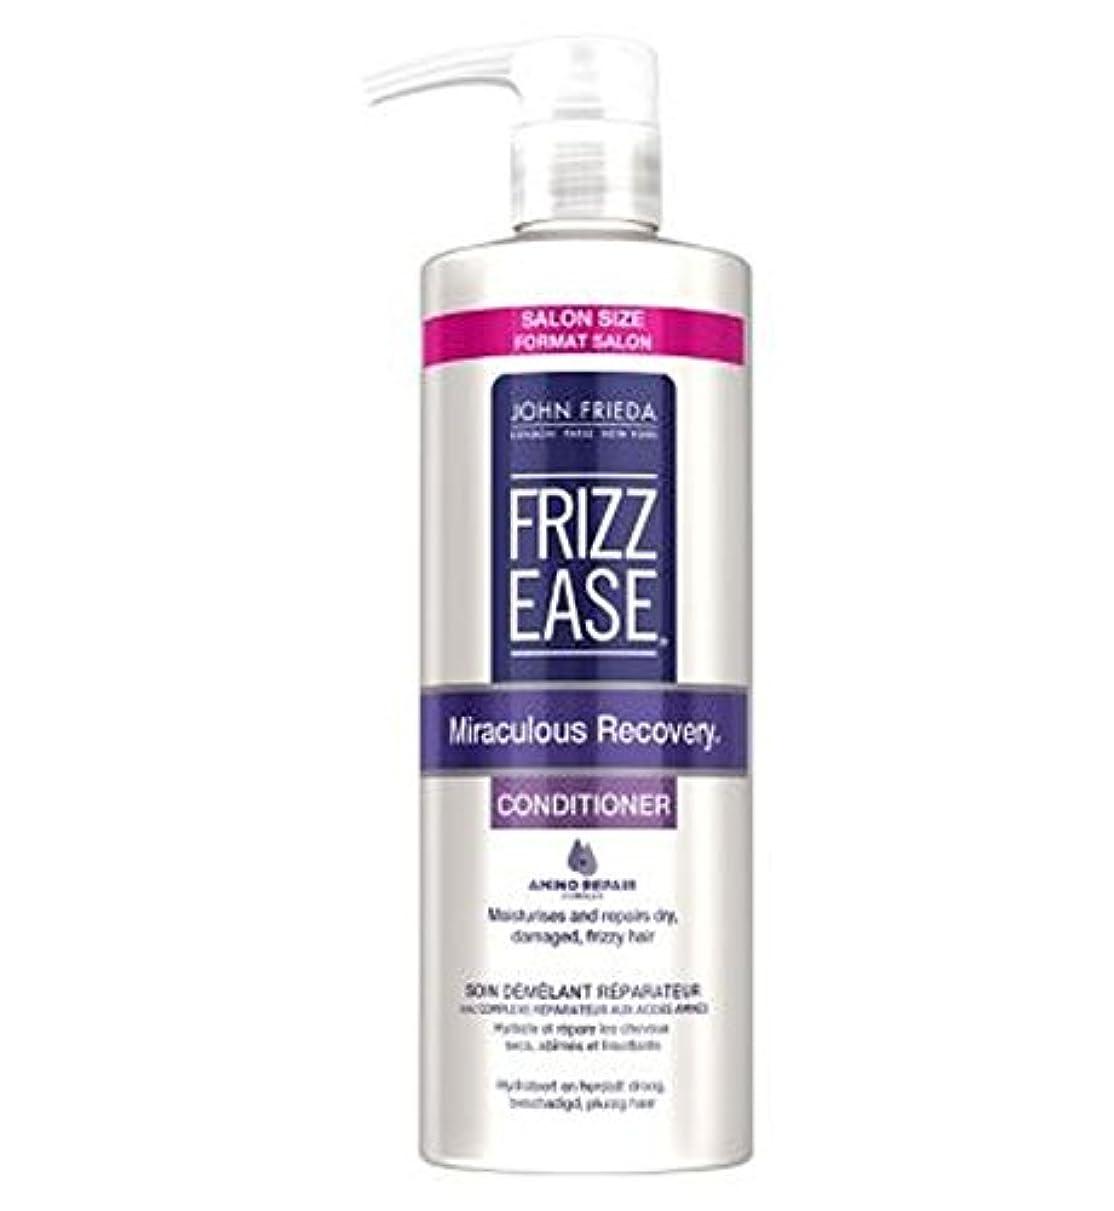 周囲提供アラブサラボジョン?フリーダ縮れ容易奇跡的な回復コンディショナー500ミリリットル (John Frieda) (x2) - John Frieda Frizz Ease Miraculous Recovery conditioner...